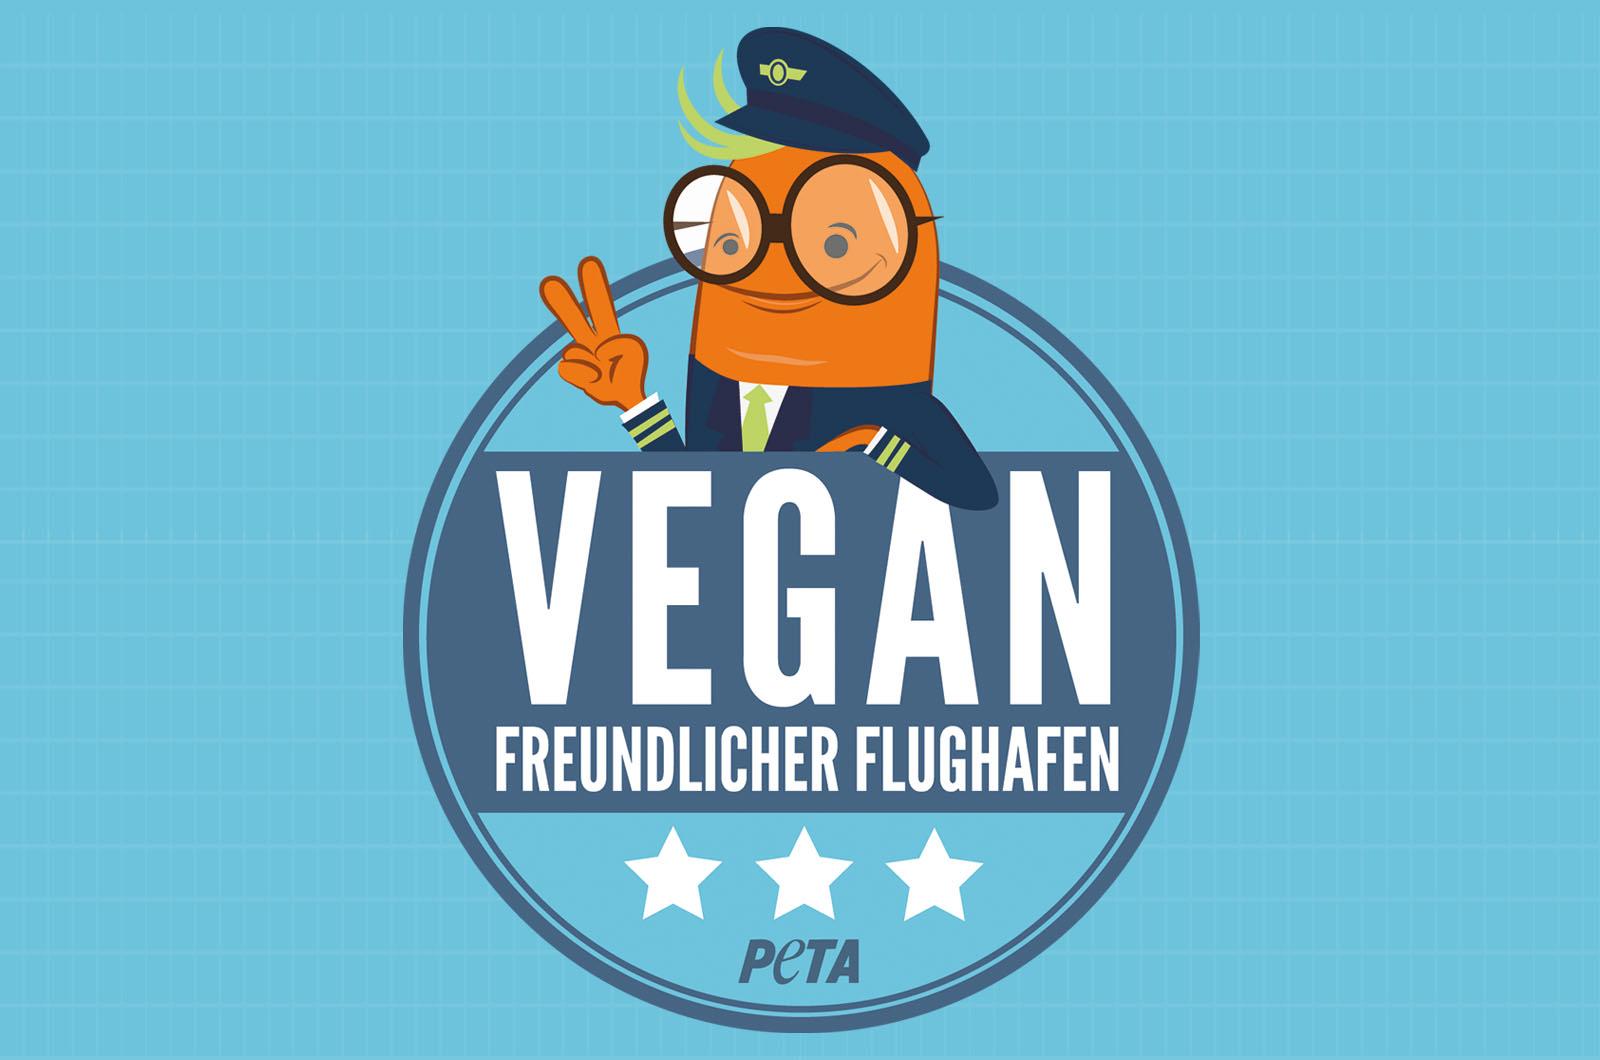 Das sind die vegan-freundlichsten Flughäfen 2018